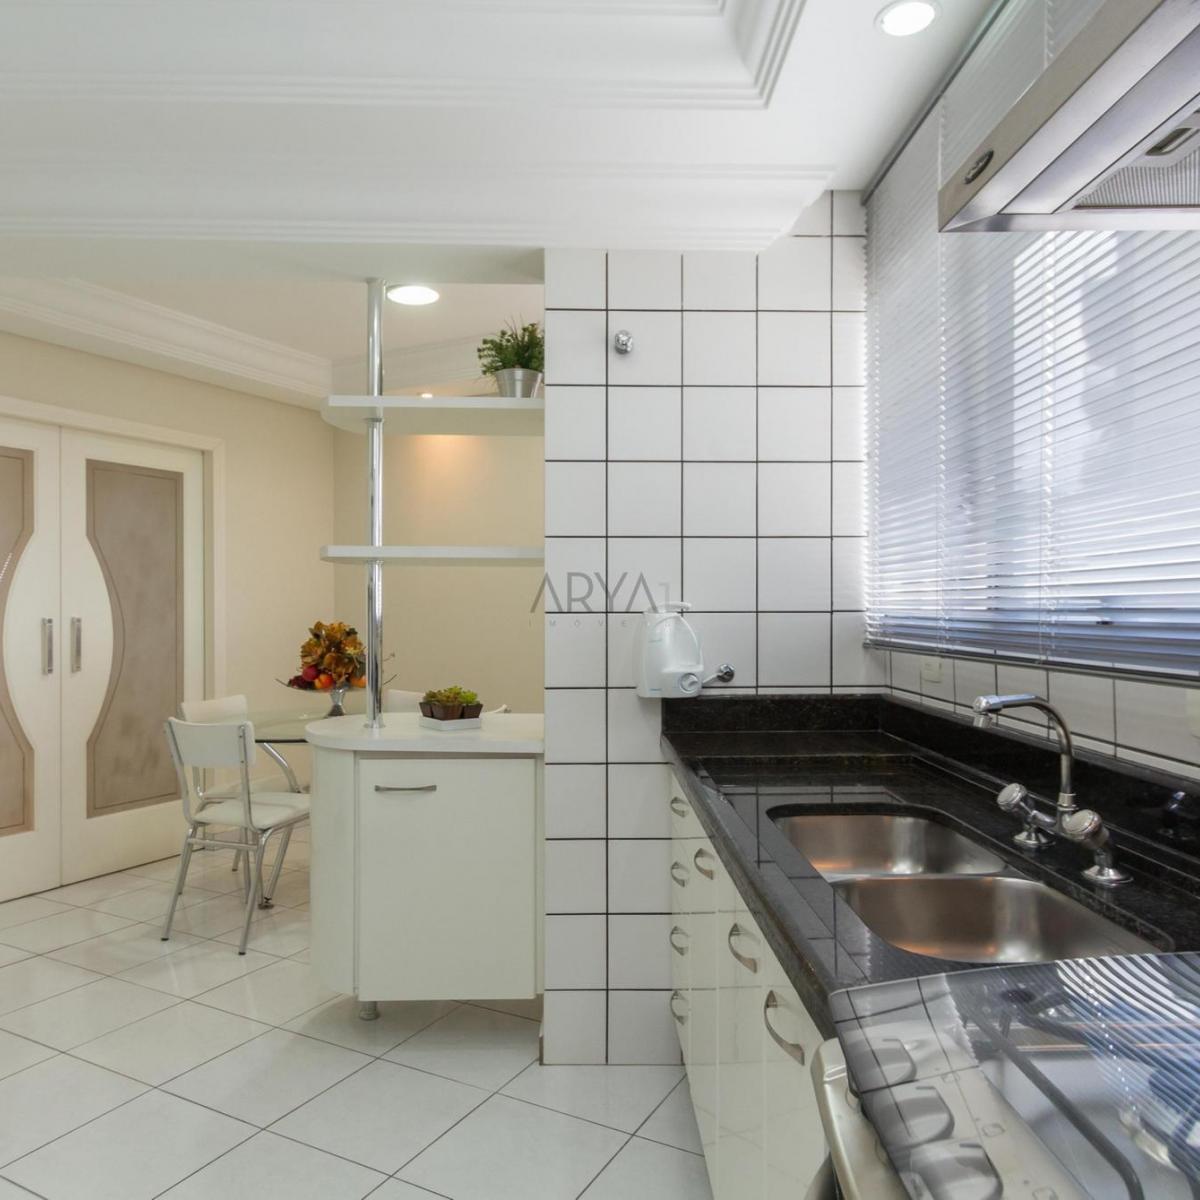 #5F4C39 Apartamento à venda com 4 Quartos Água Verde Curitiba R$ 940.000  1200x1200 px Banheiro Ideal Ltda 3001